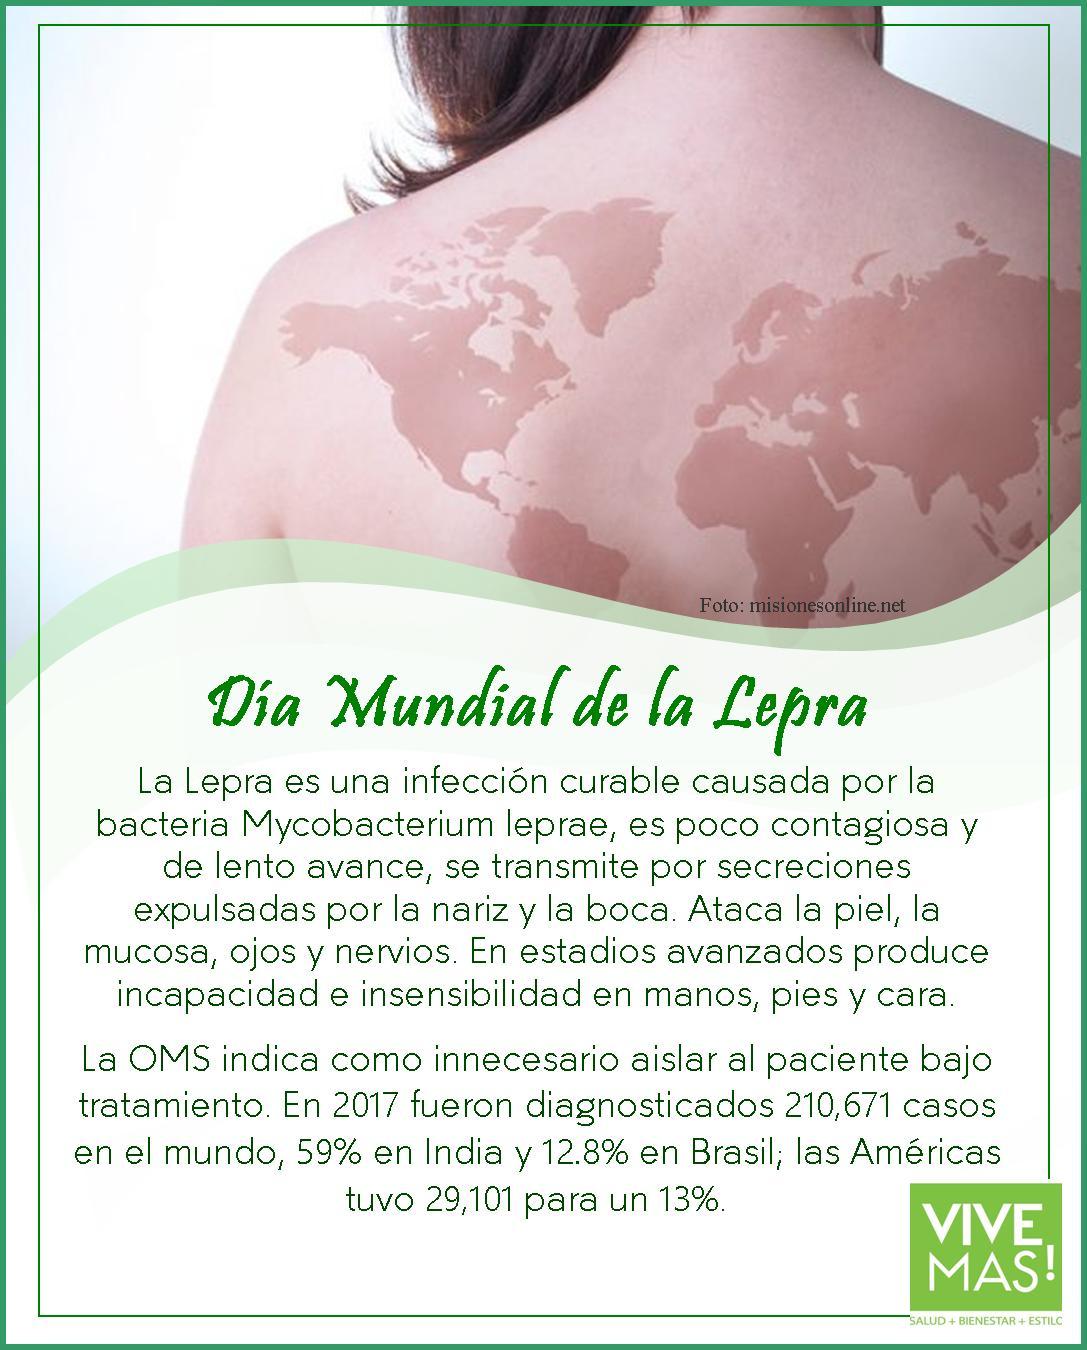 ENERO-2021-DIA-MUNDIAL-DE-LA-LEPRA-ULTIMO-DOM-ENERO.pub_